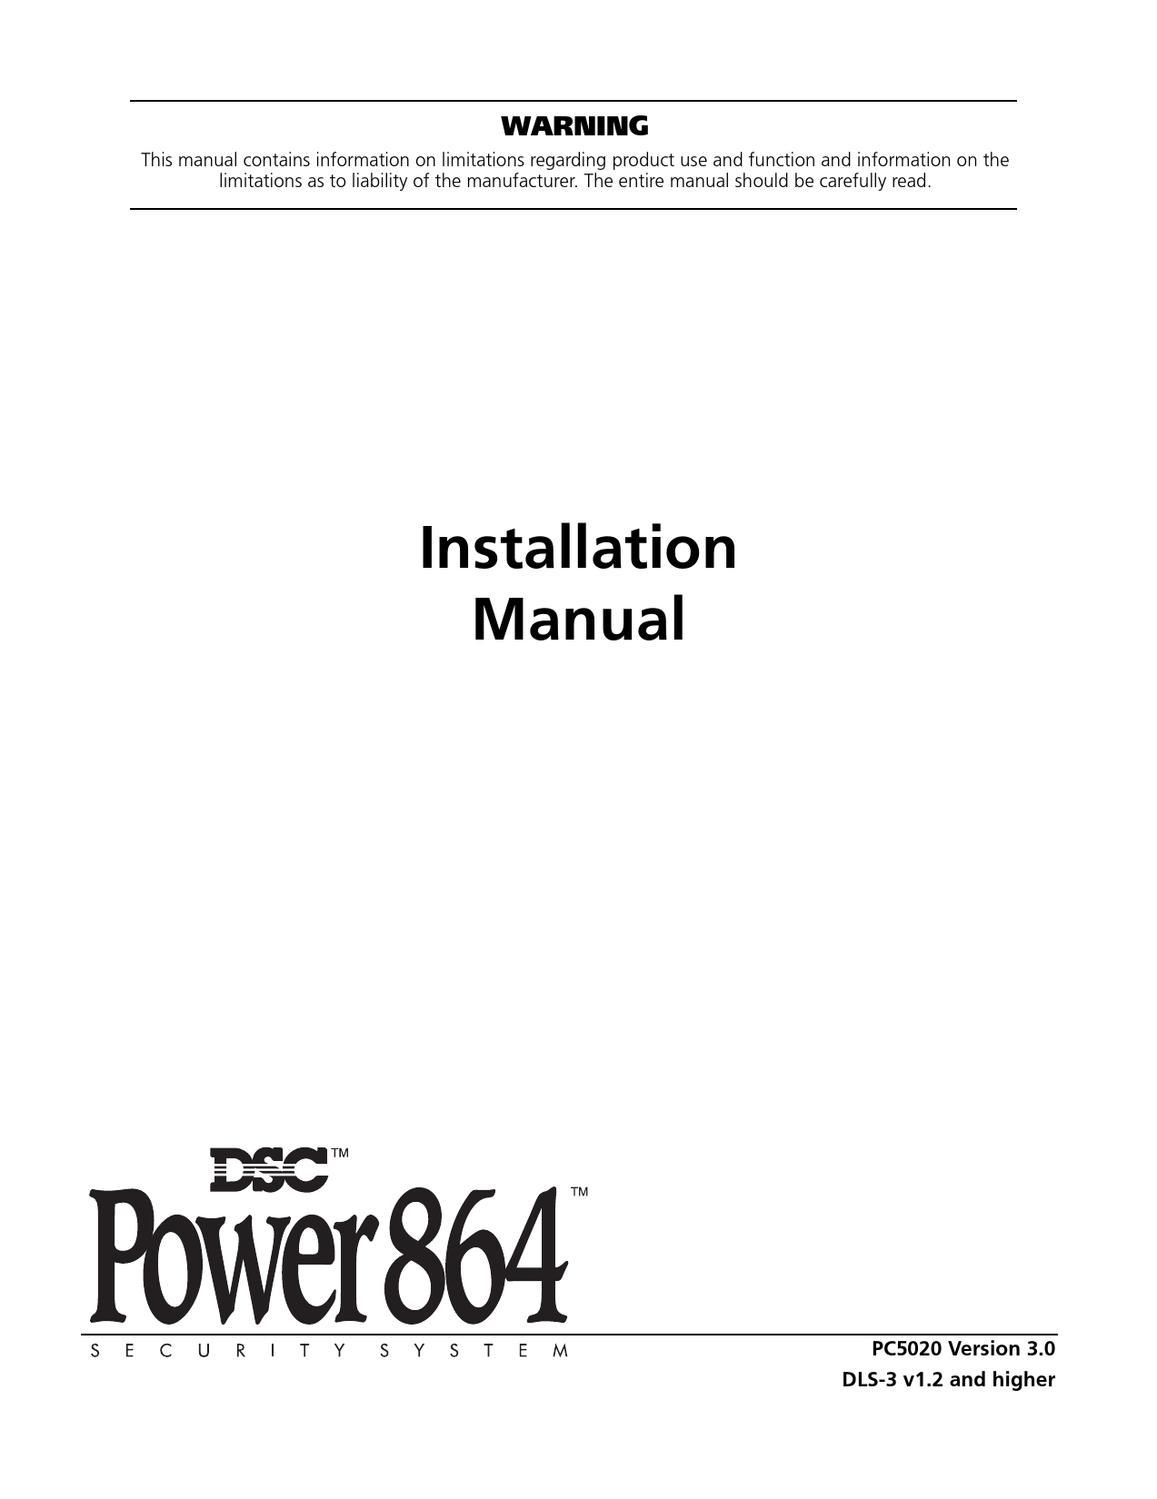 DSC PC5020 v3-0 na eng im 29003974 r002 by Sertek Servicios Tecnologicos -  issuu